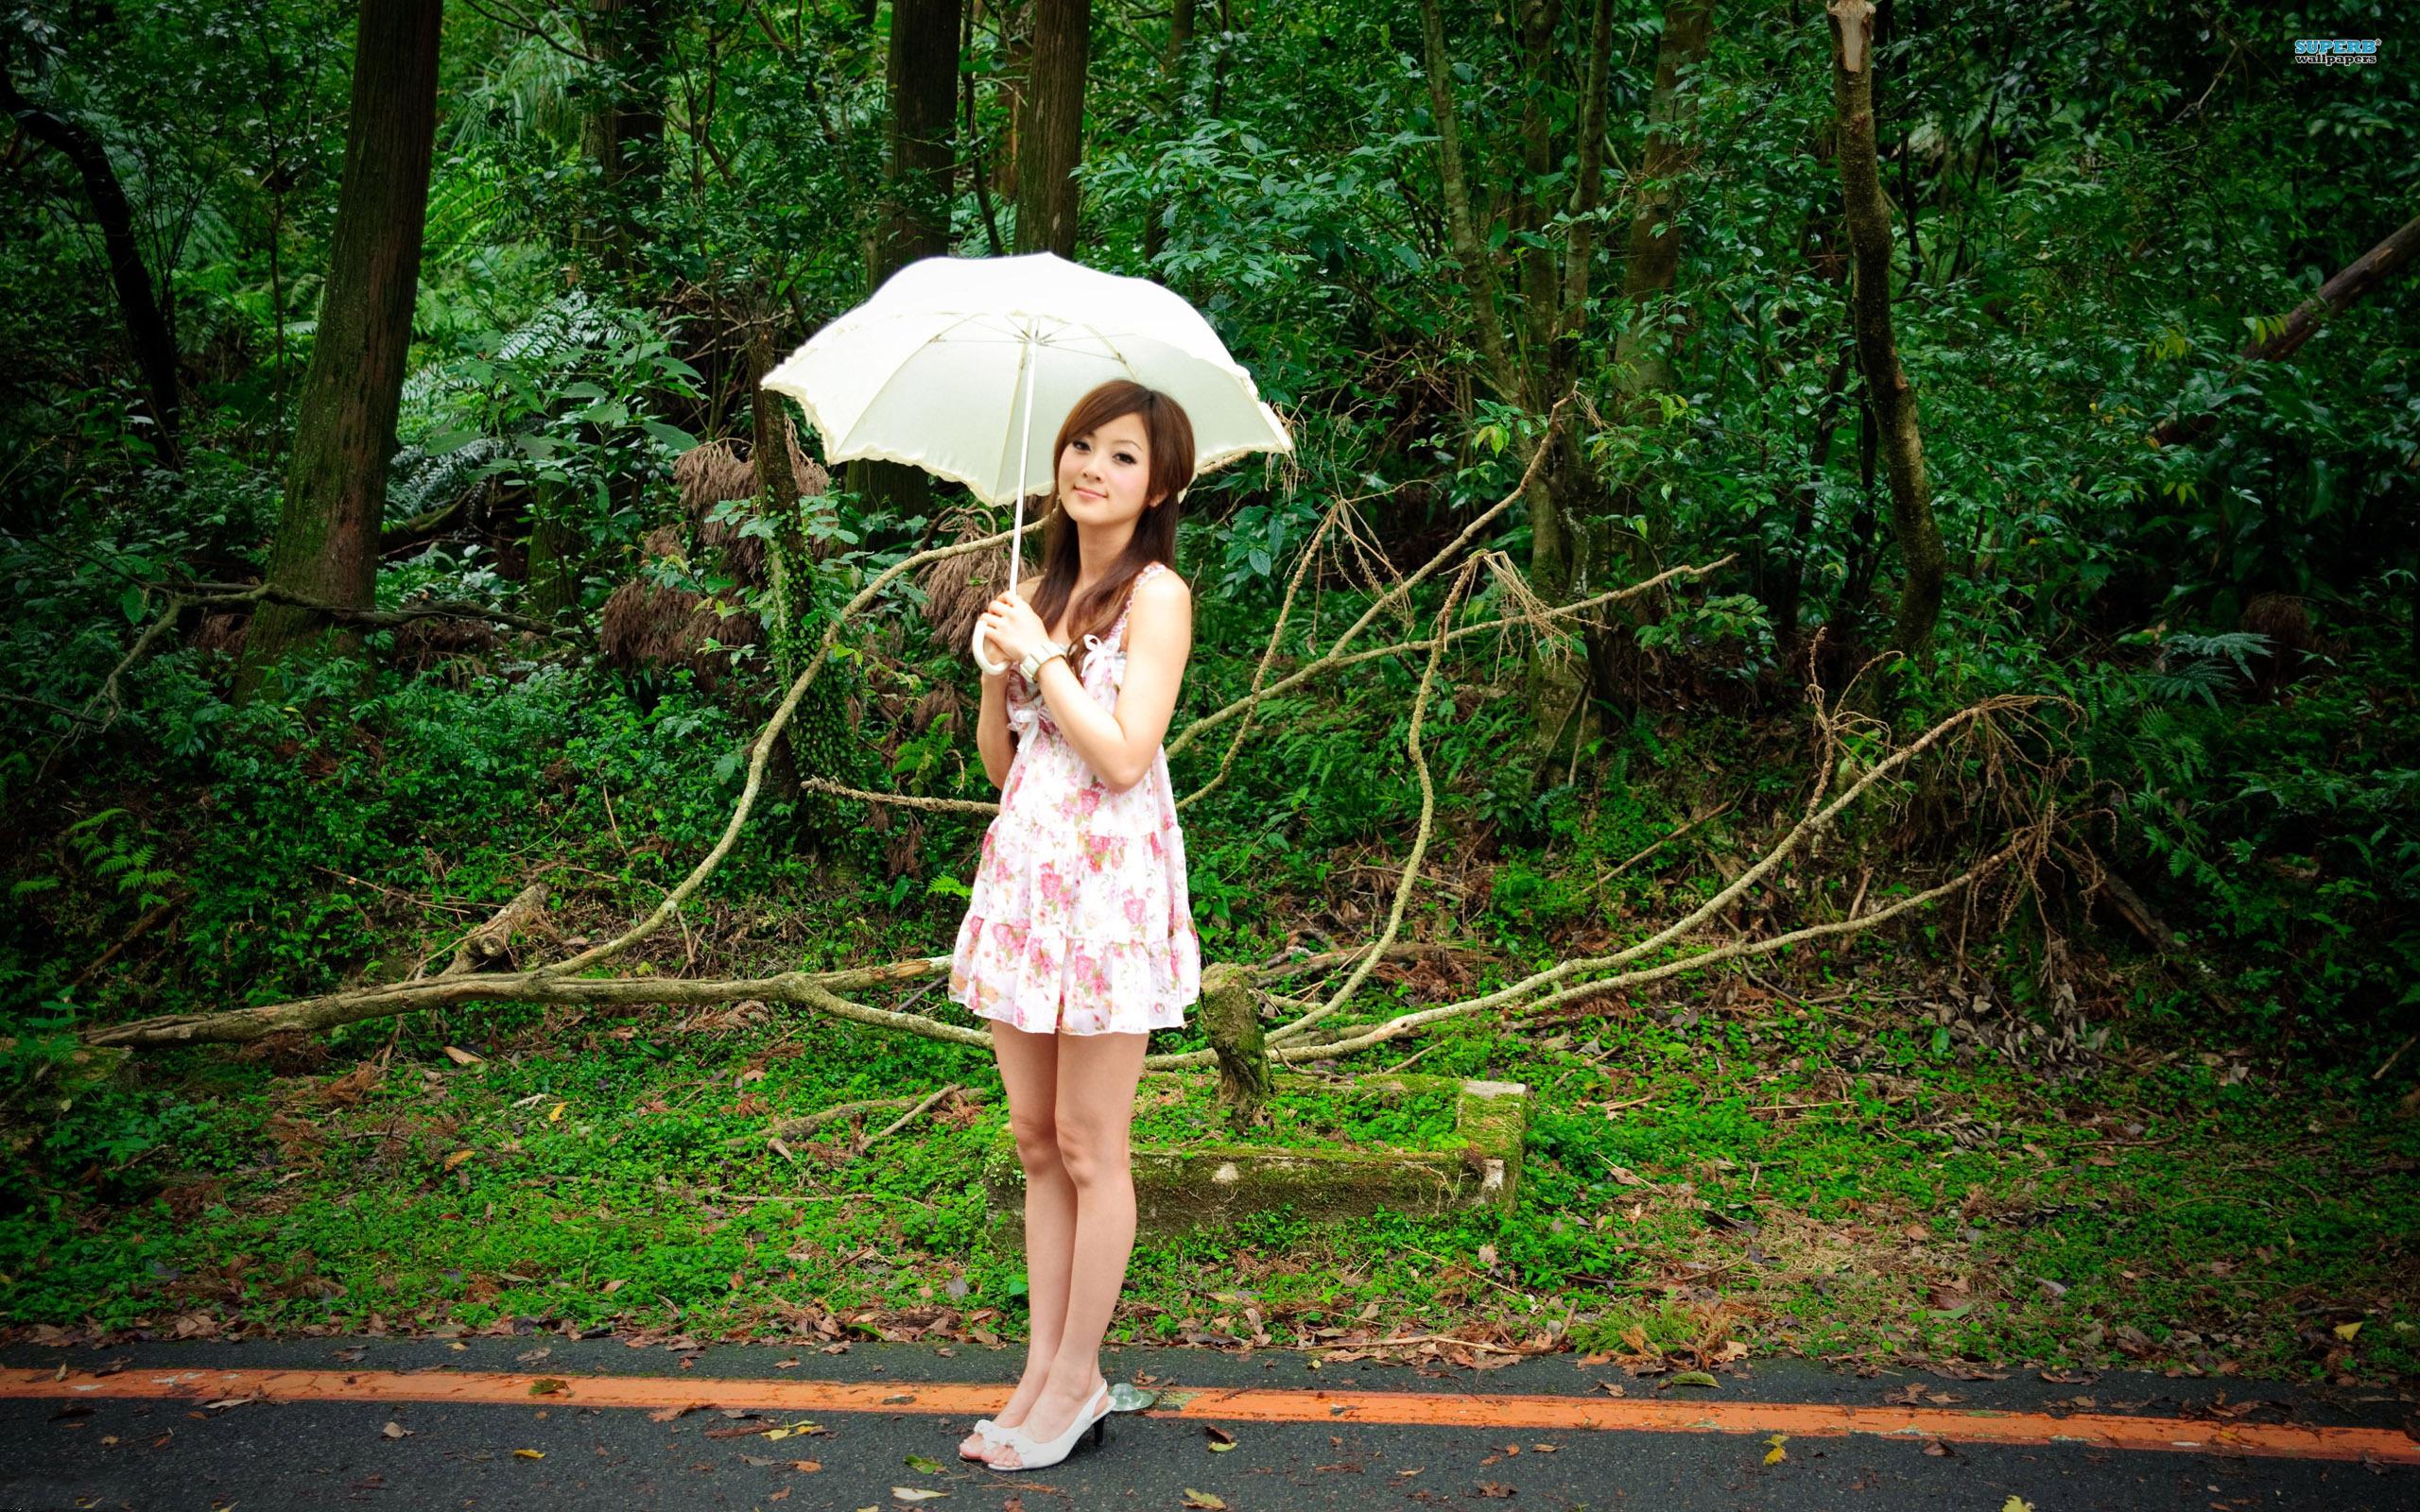 Mikako Zhang wallpaper 2560x1600 68206 2560x1600